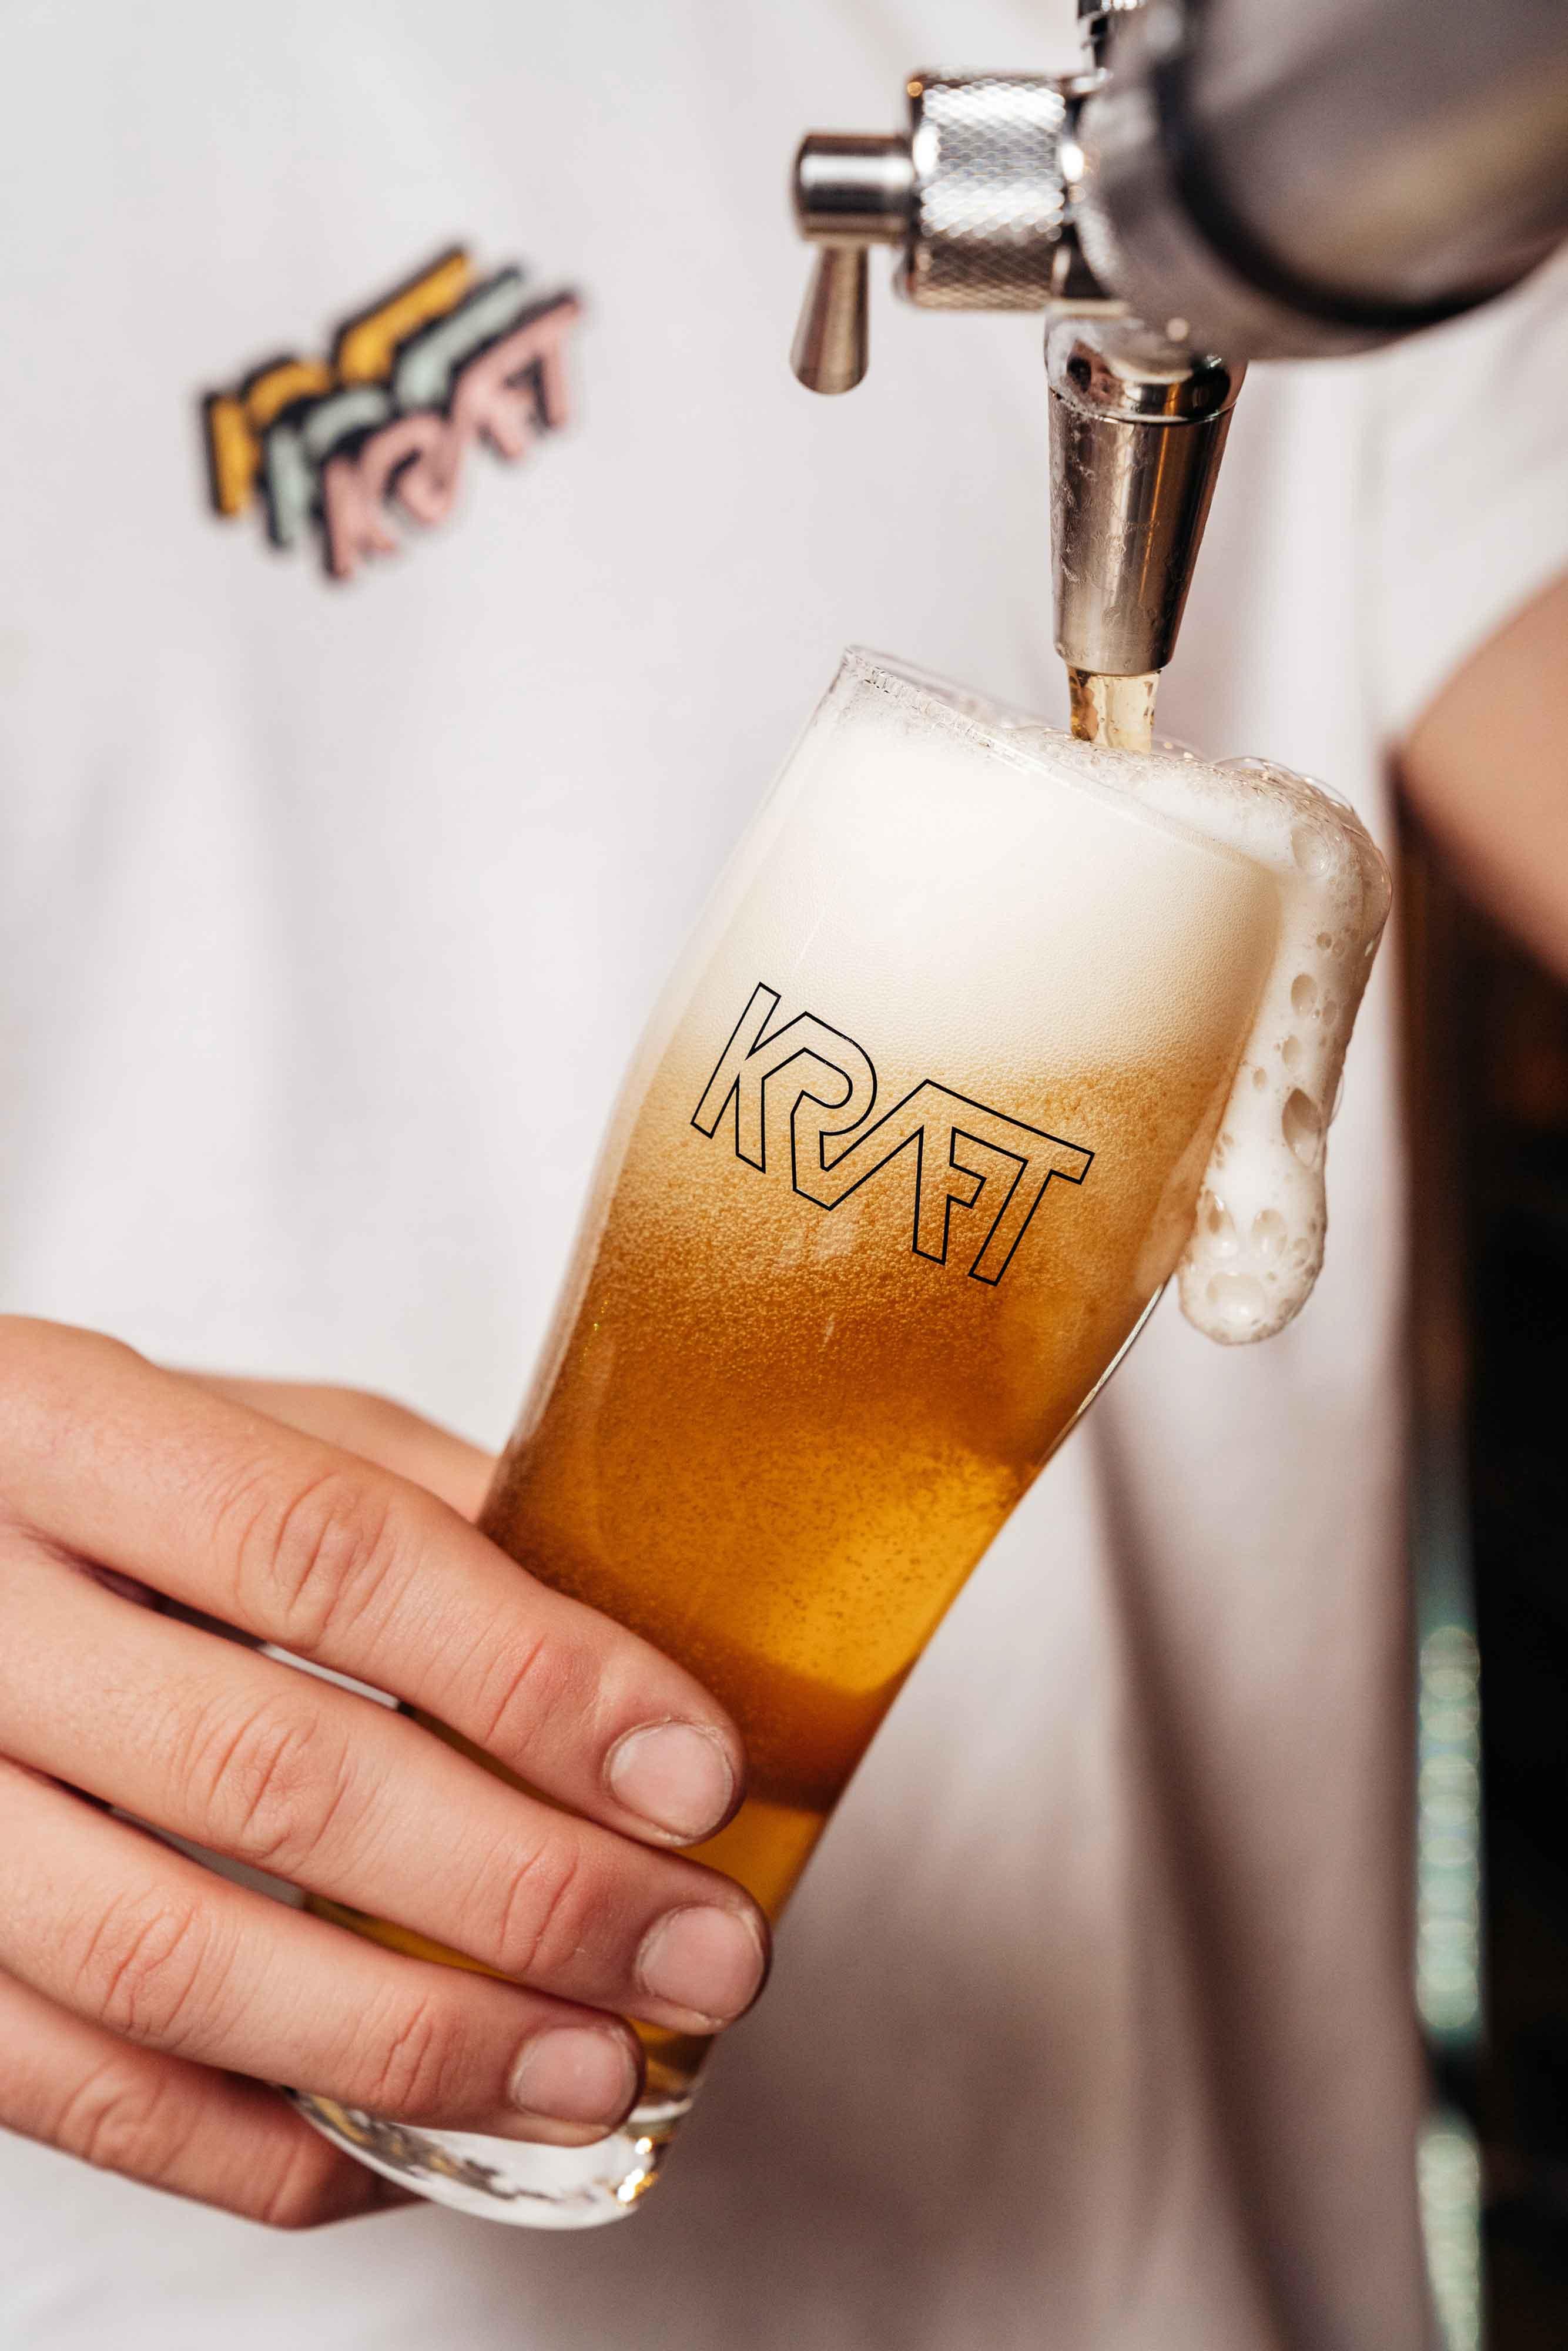 kraft-dalston-german-kraft-brewery-beer-craftbeer-bier-ritzenhoff-lager-helles-london